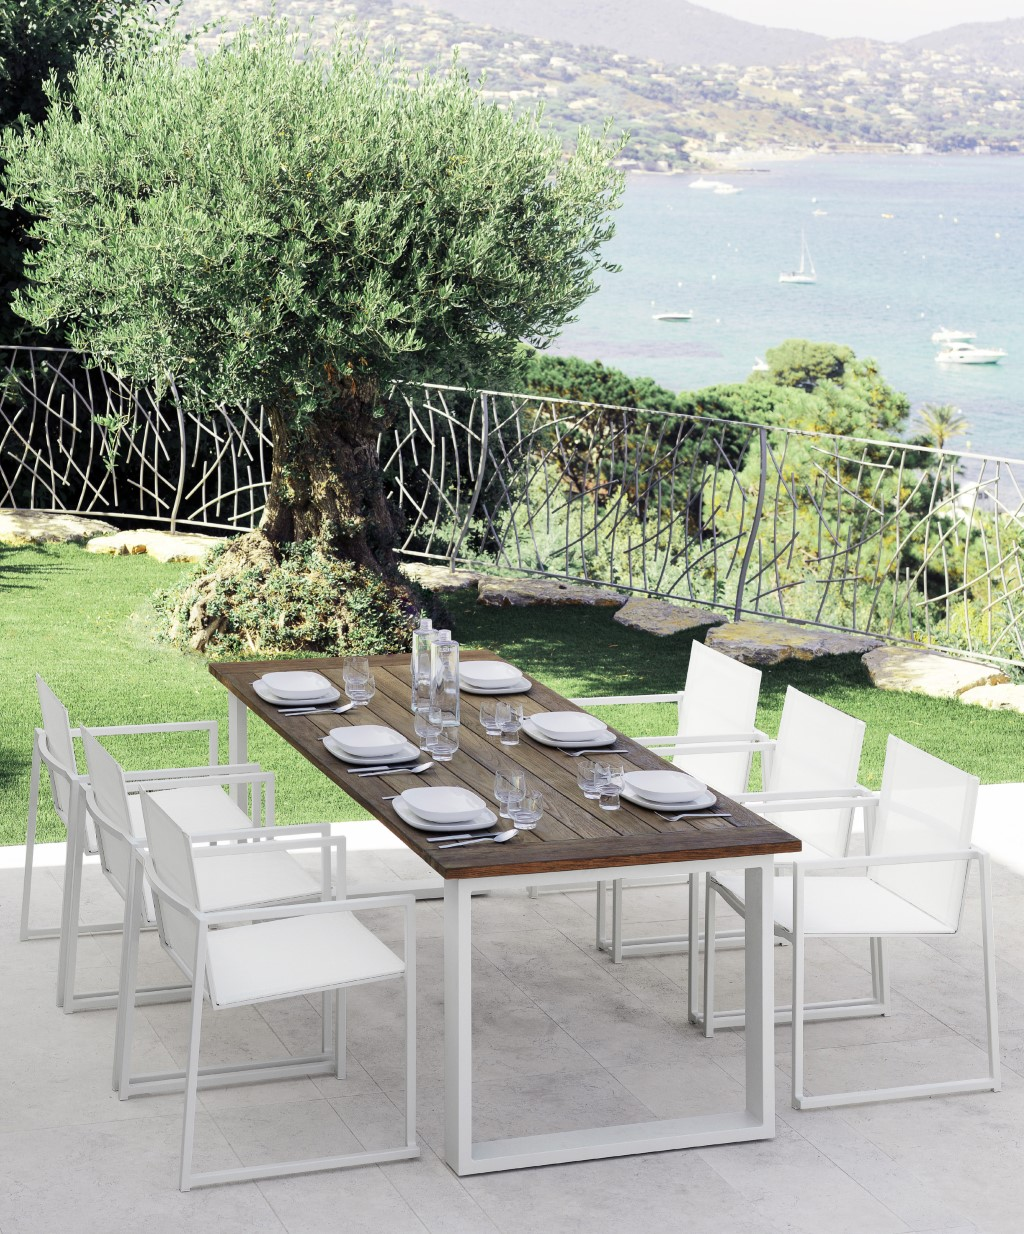 Arredamento per esterni arredo giardino | MaffeiSistemi vendita online